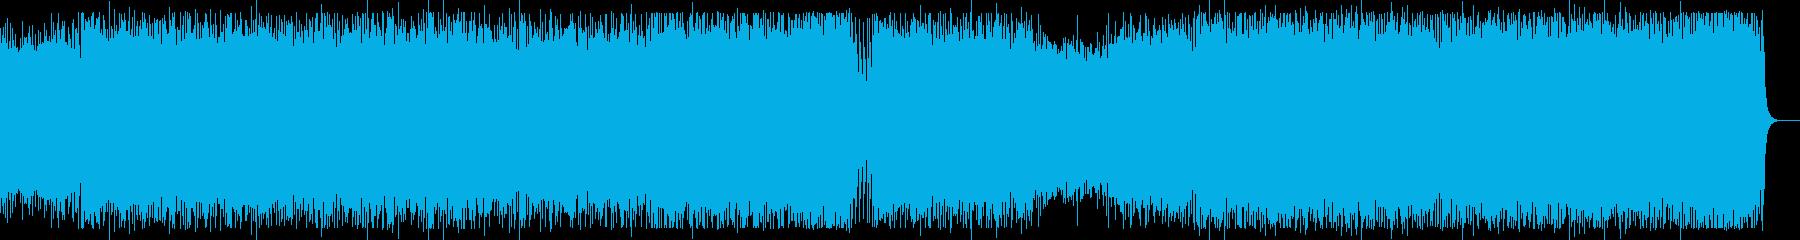 スピード感のあるスポーツ向きテクノロックの再生済みの波形